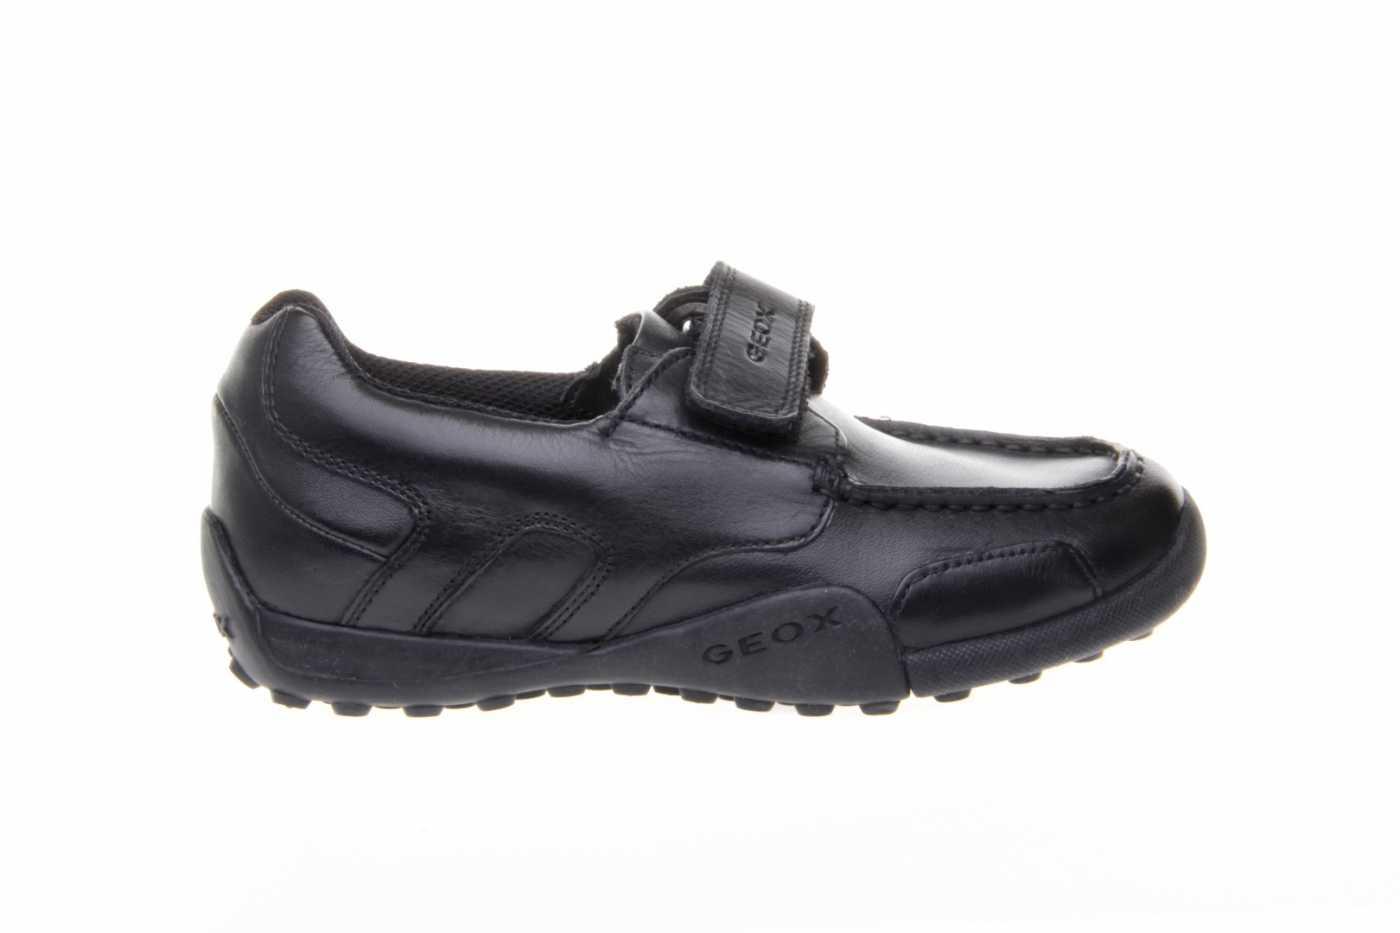 d707bc26 Comprar zapato tipo JOVEN NIÑO estilo NAUTICO COLOR NEGRO PIEL ...